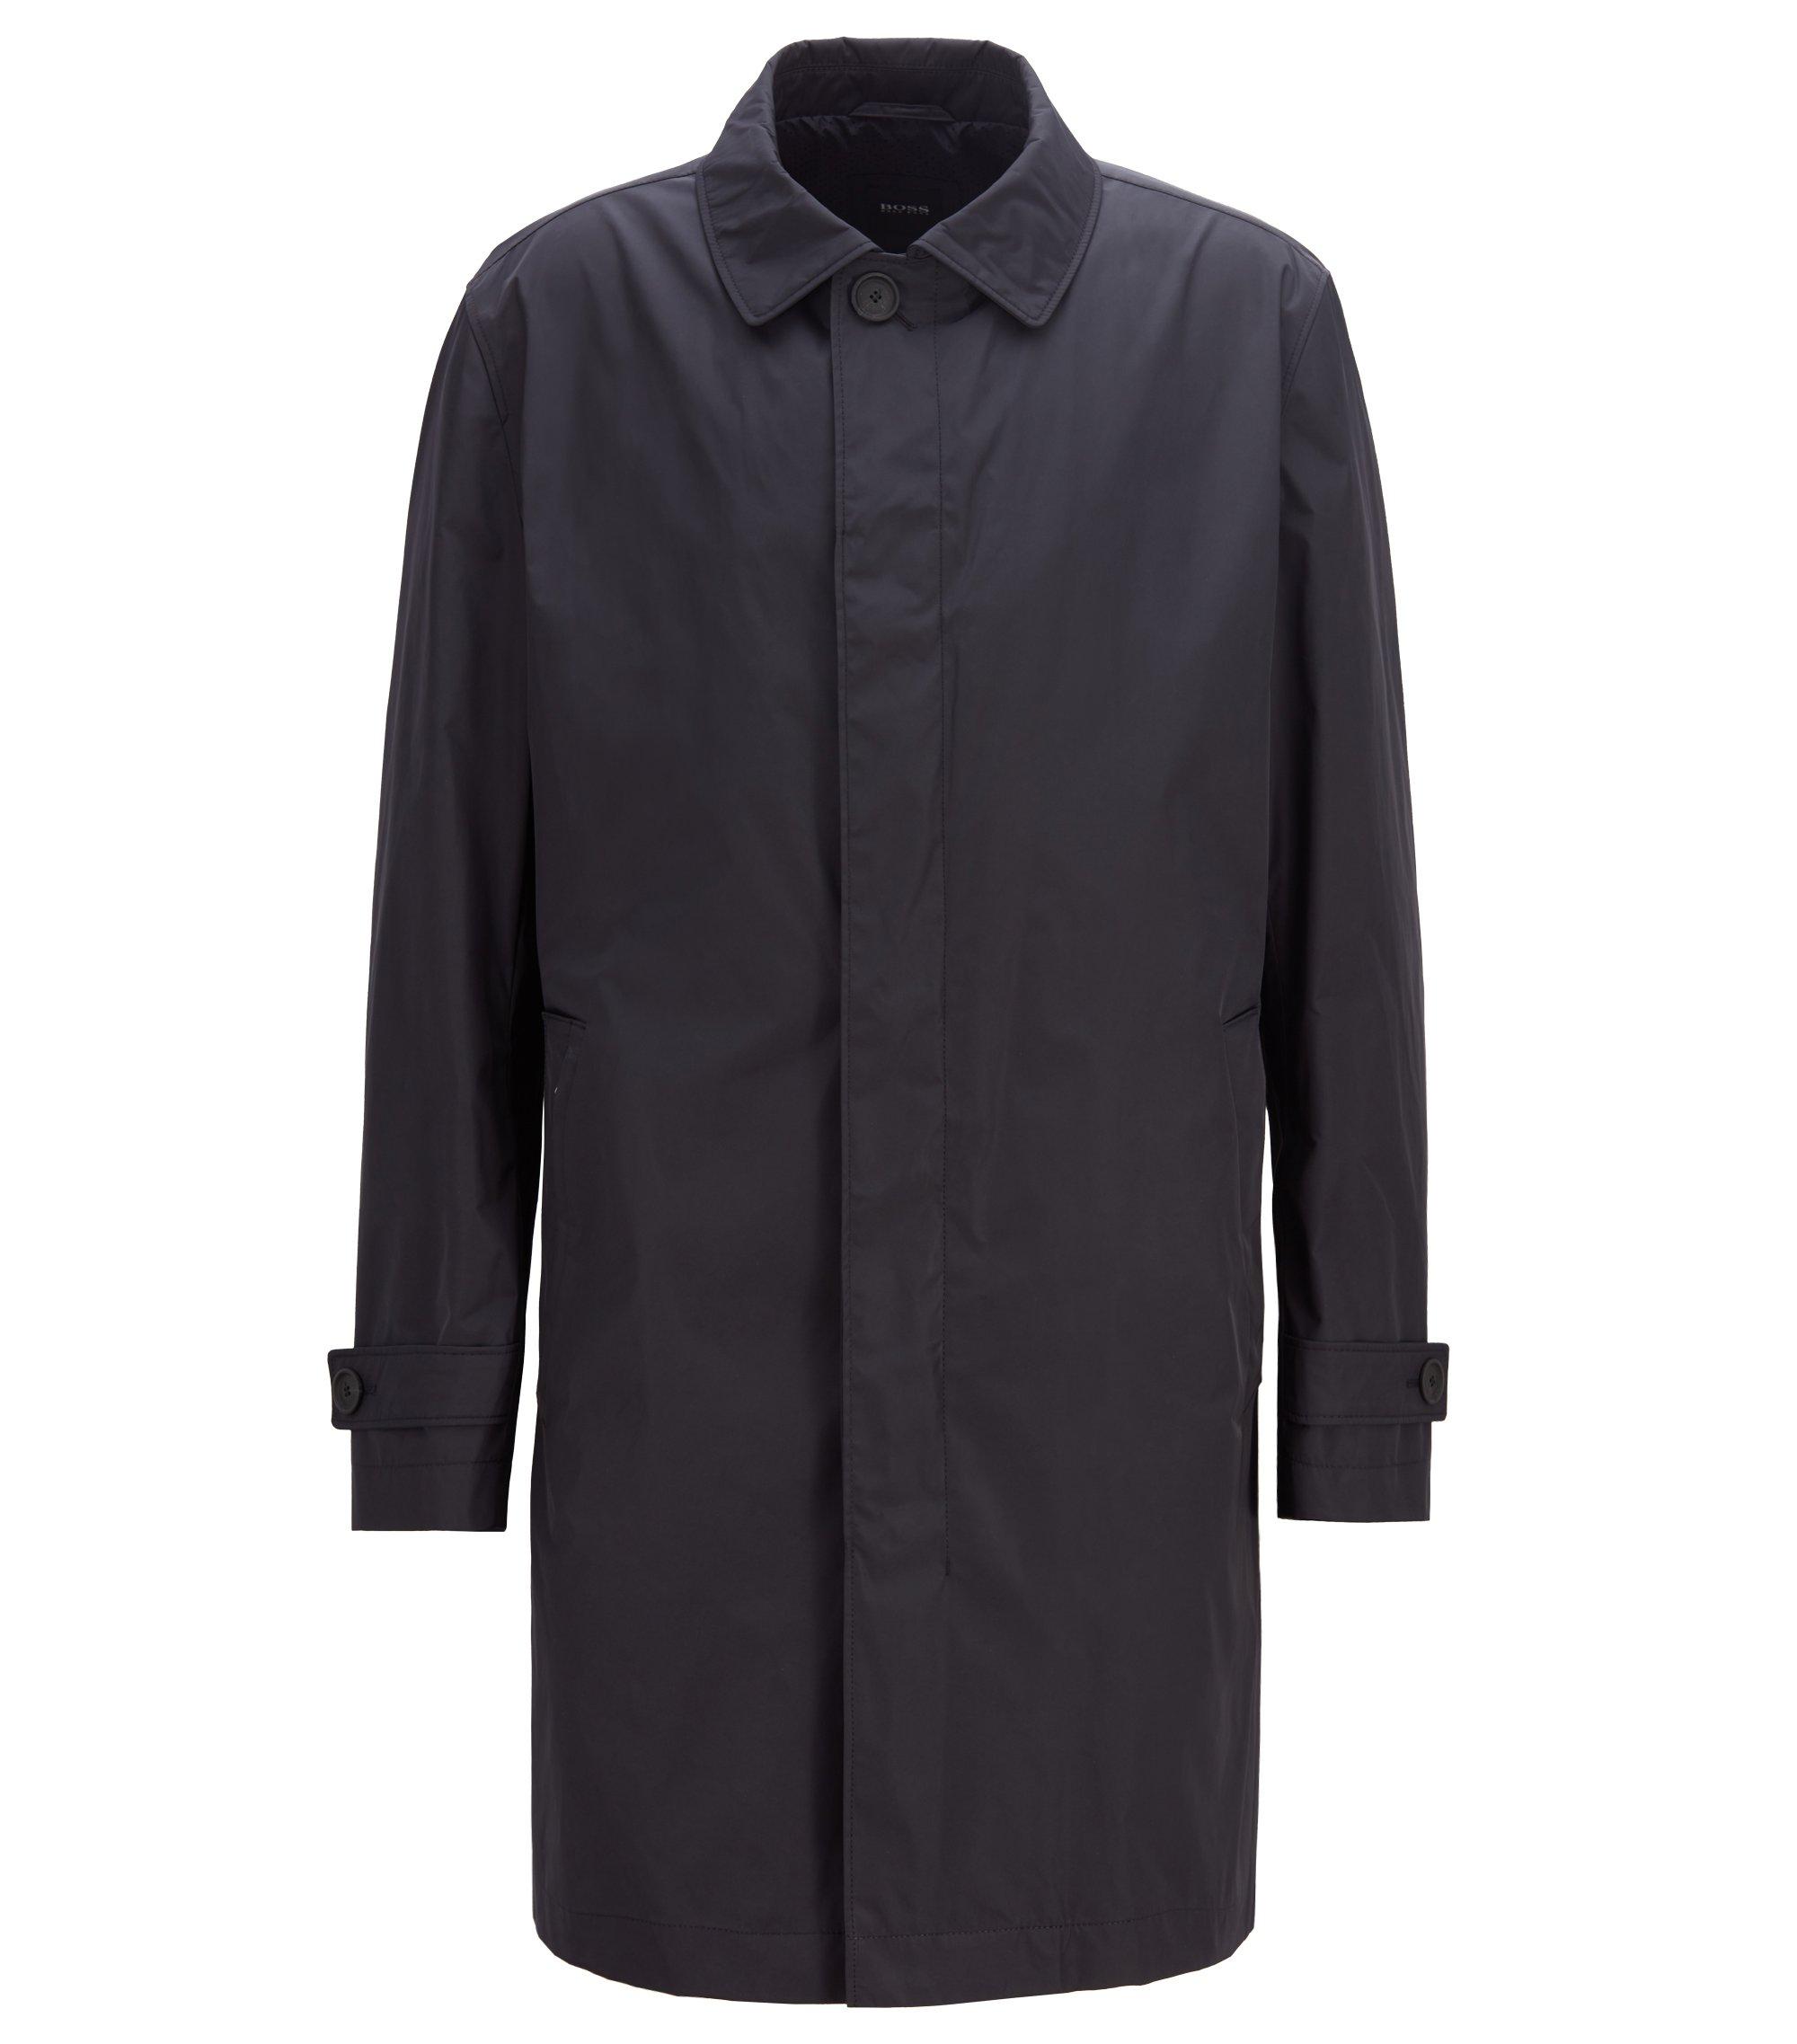 Opvouwbare overjas van een waterafstotend materiaal, Donkerblauw